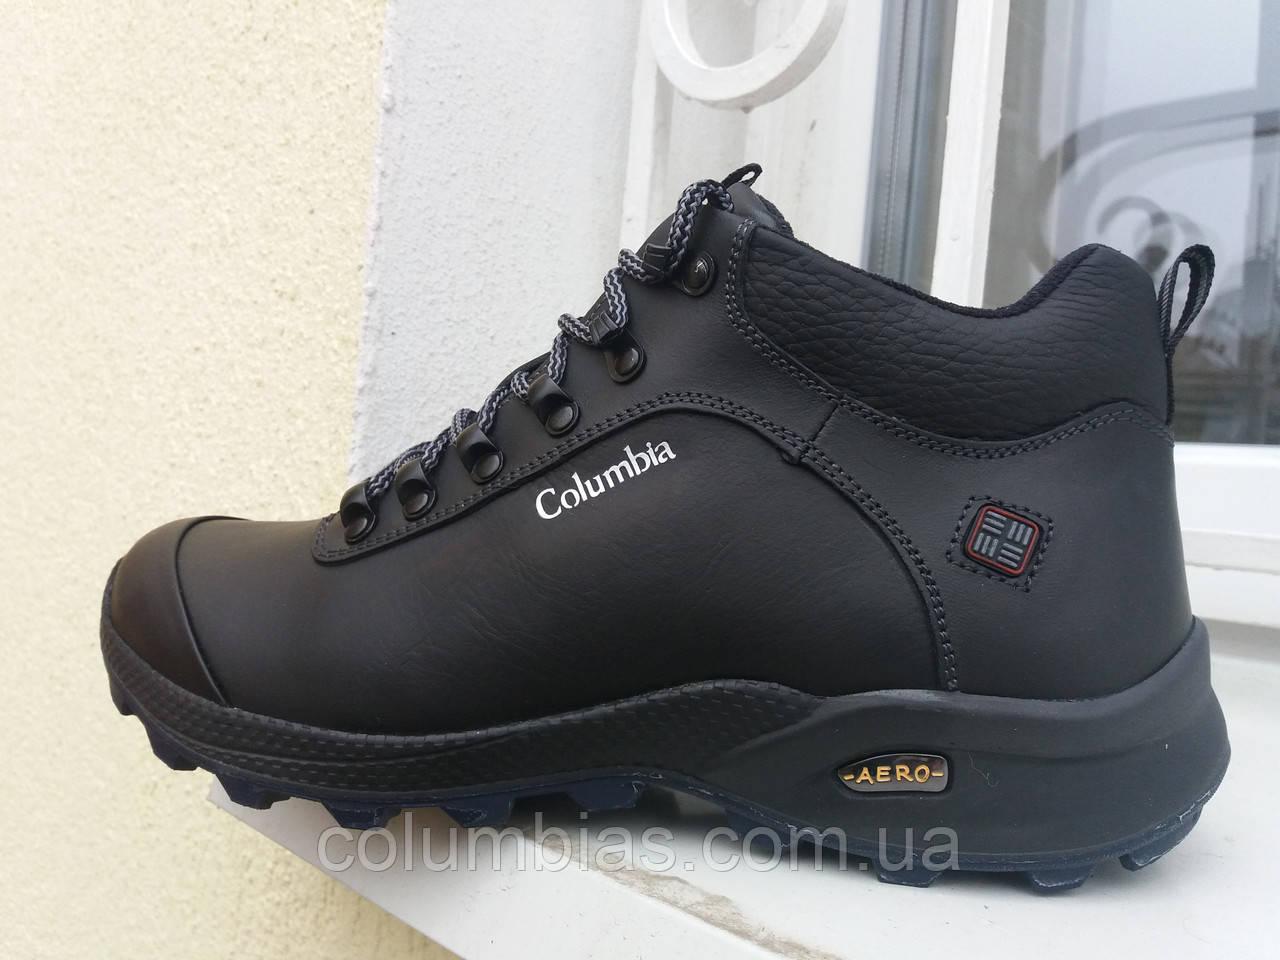 6fe8fab0d Зимняя мужская кожаная обувь Columbia : продажа, цена в ...